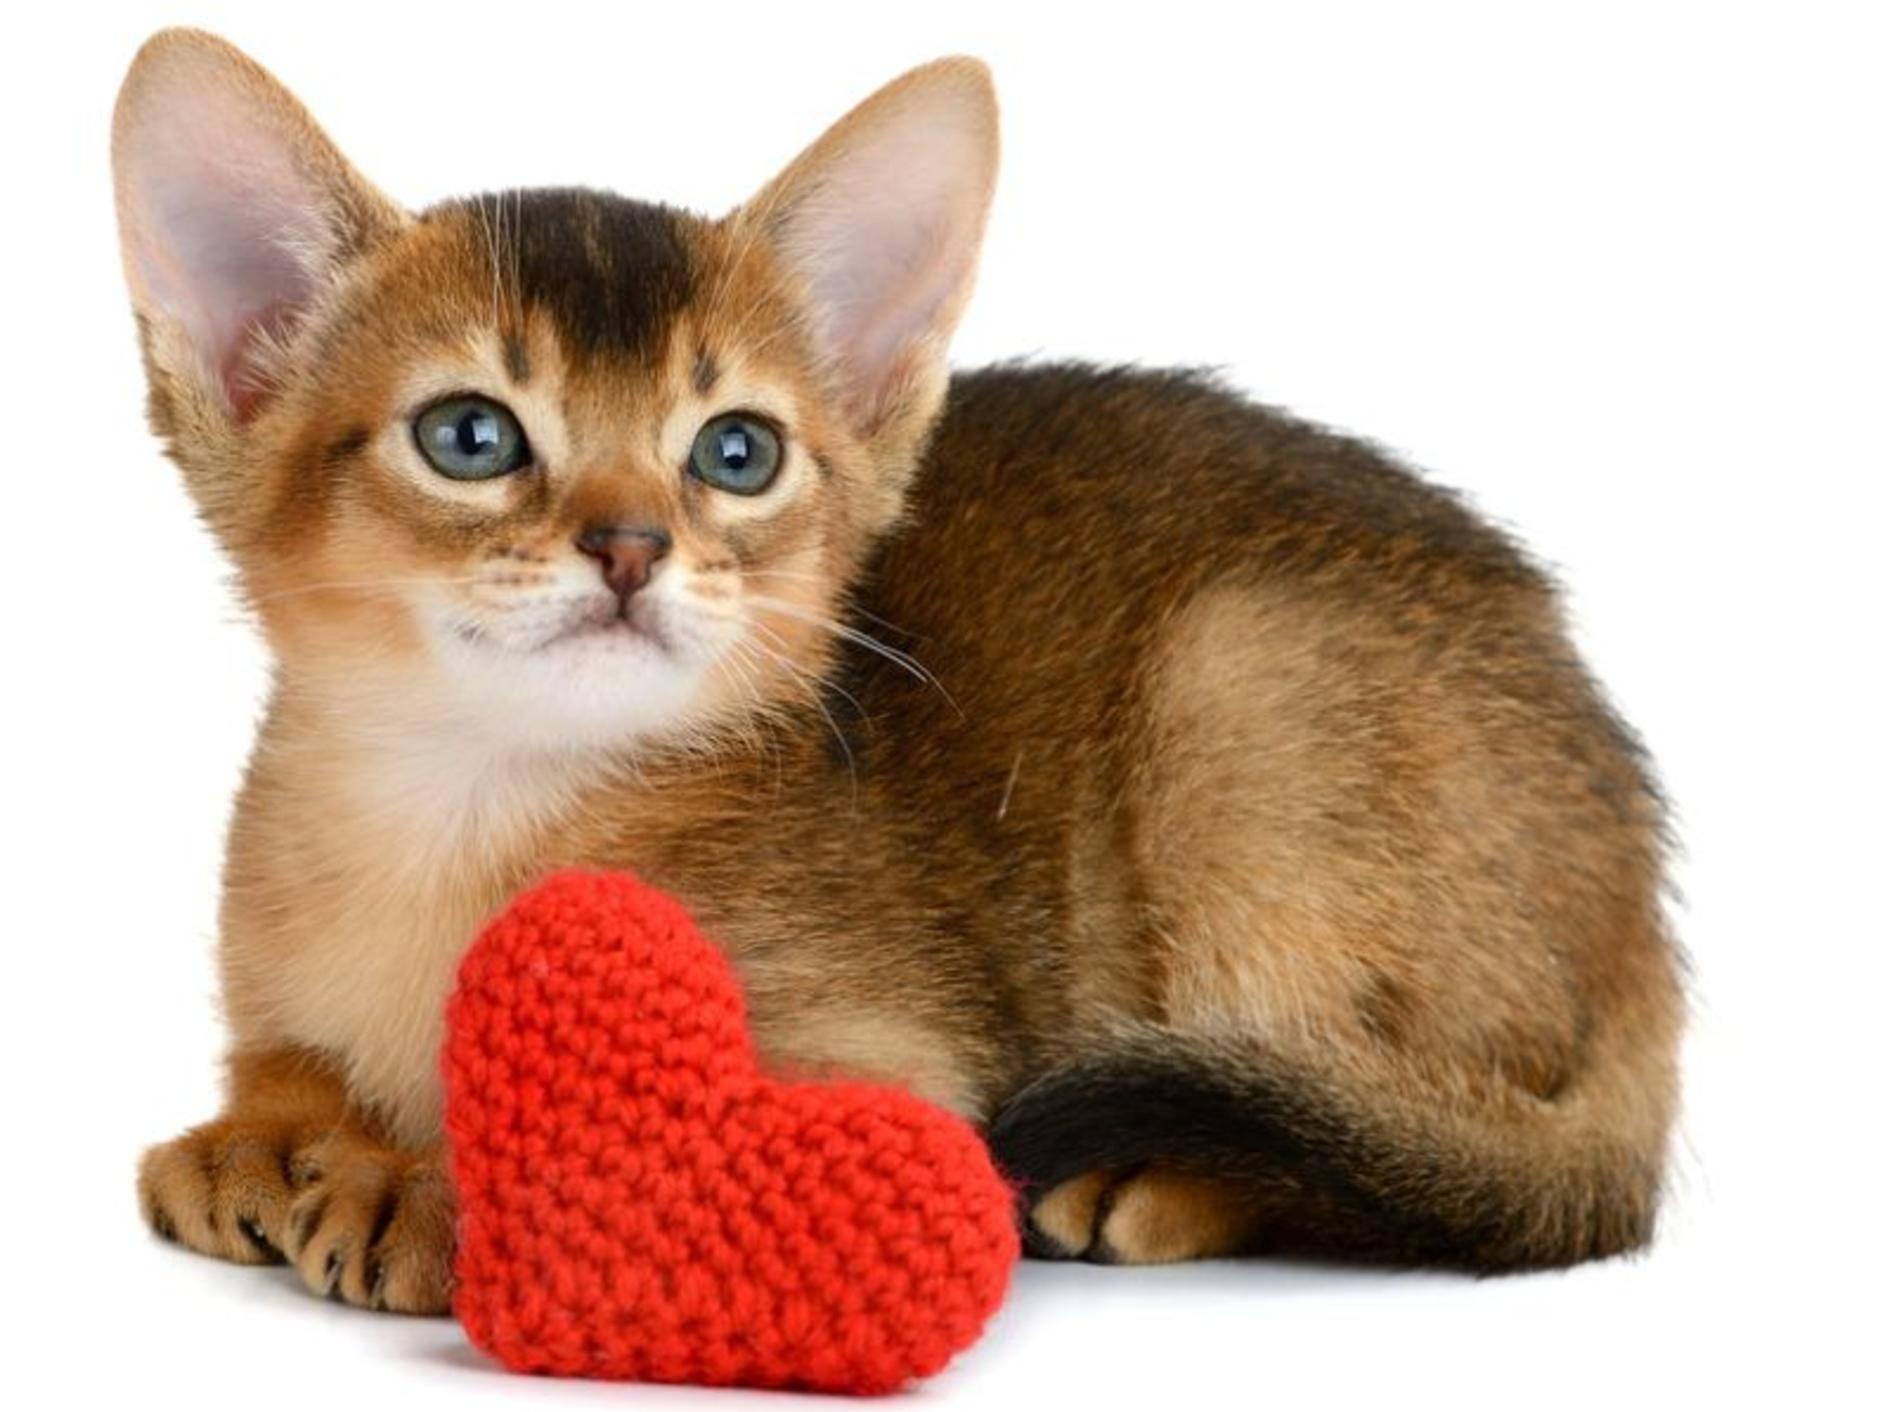 Vier Muttertagsgeschenke für Katzenhalter –Bild: Shutterstock / nelik